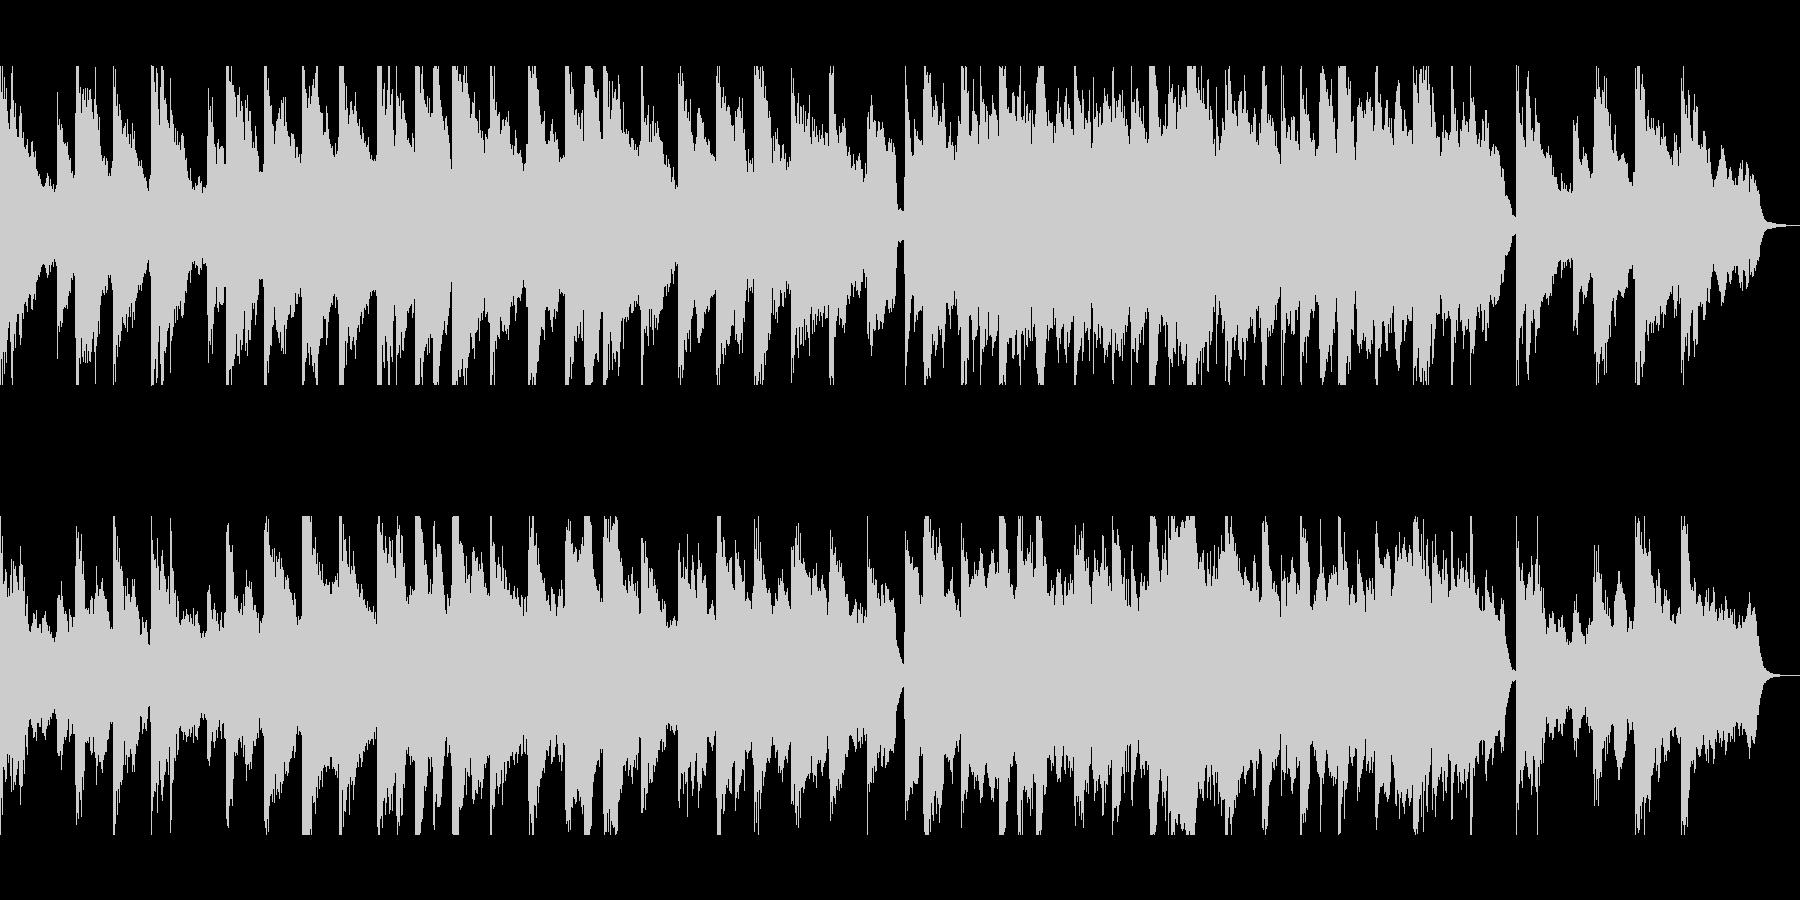 ピアノとシンセの幻想的なバラードの未再生の波形